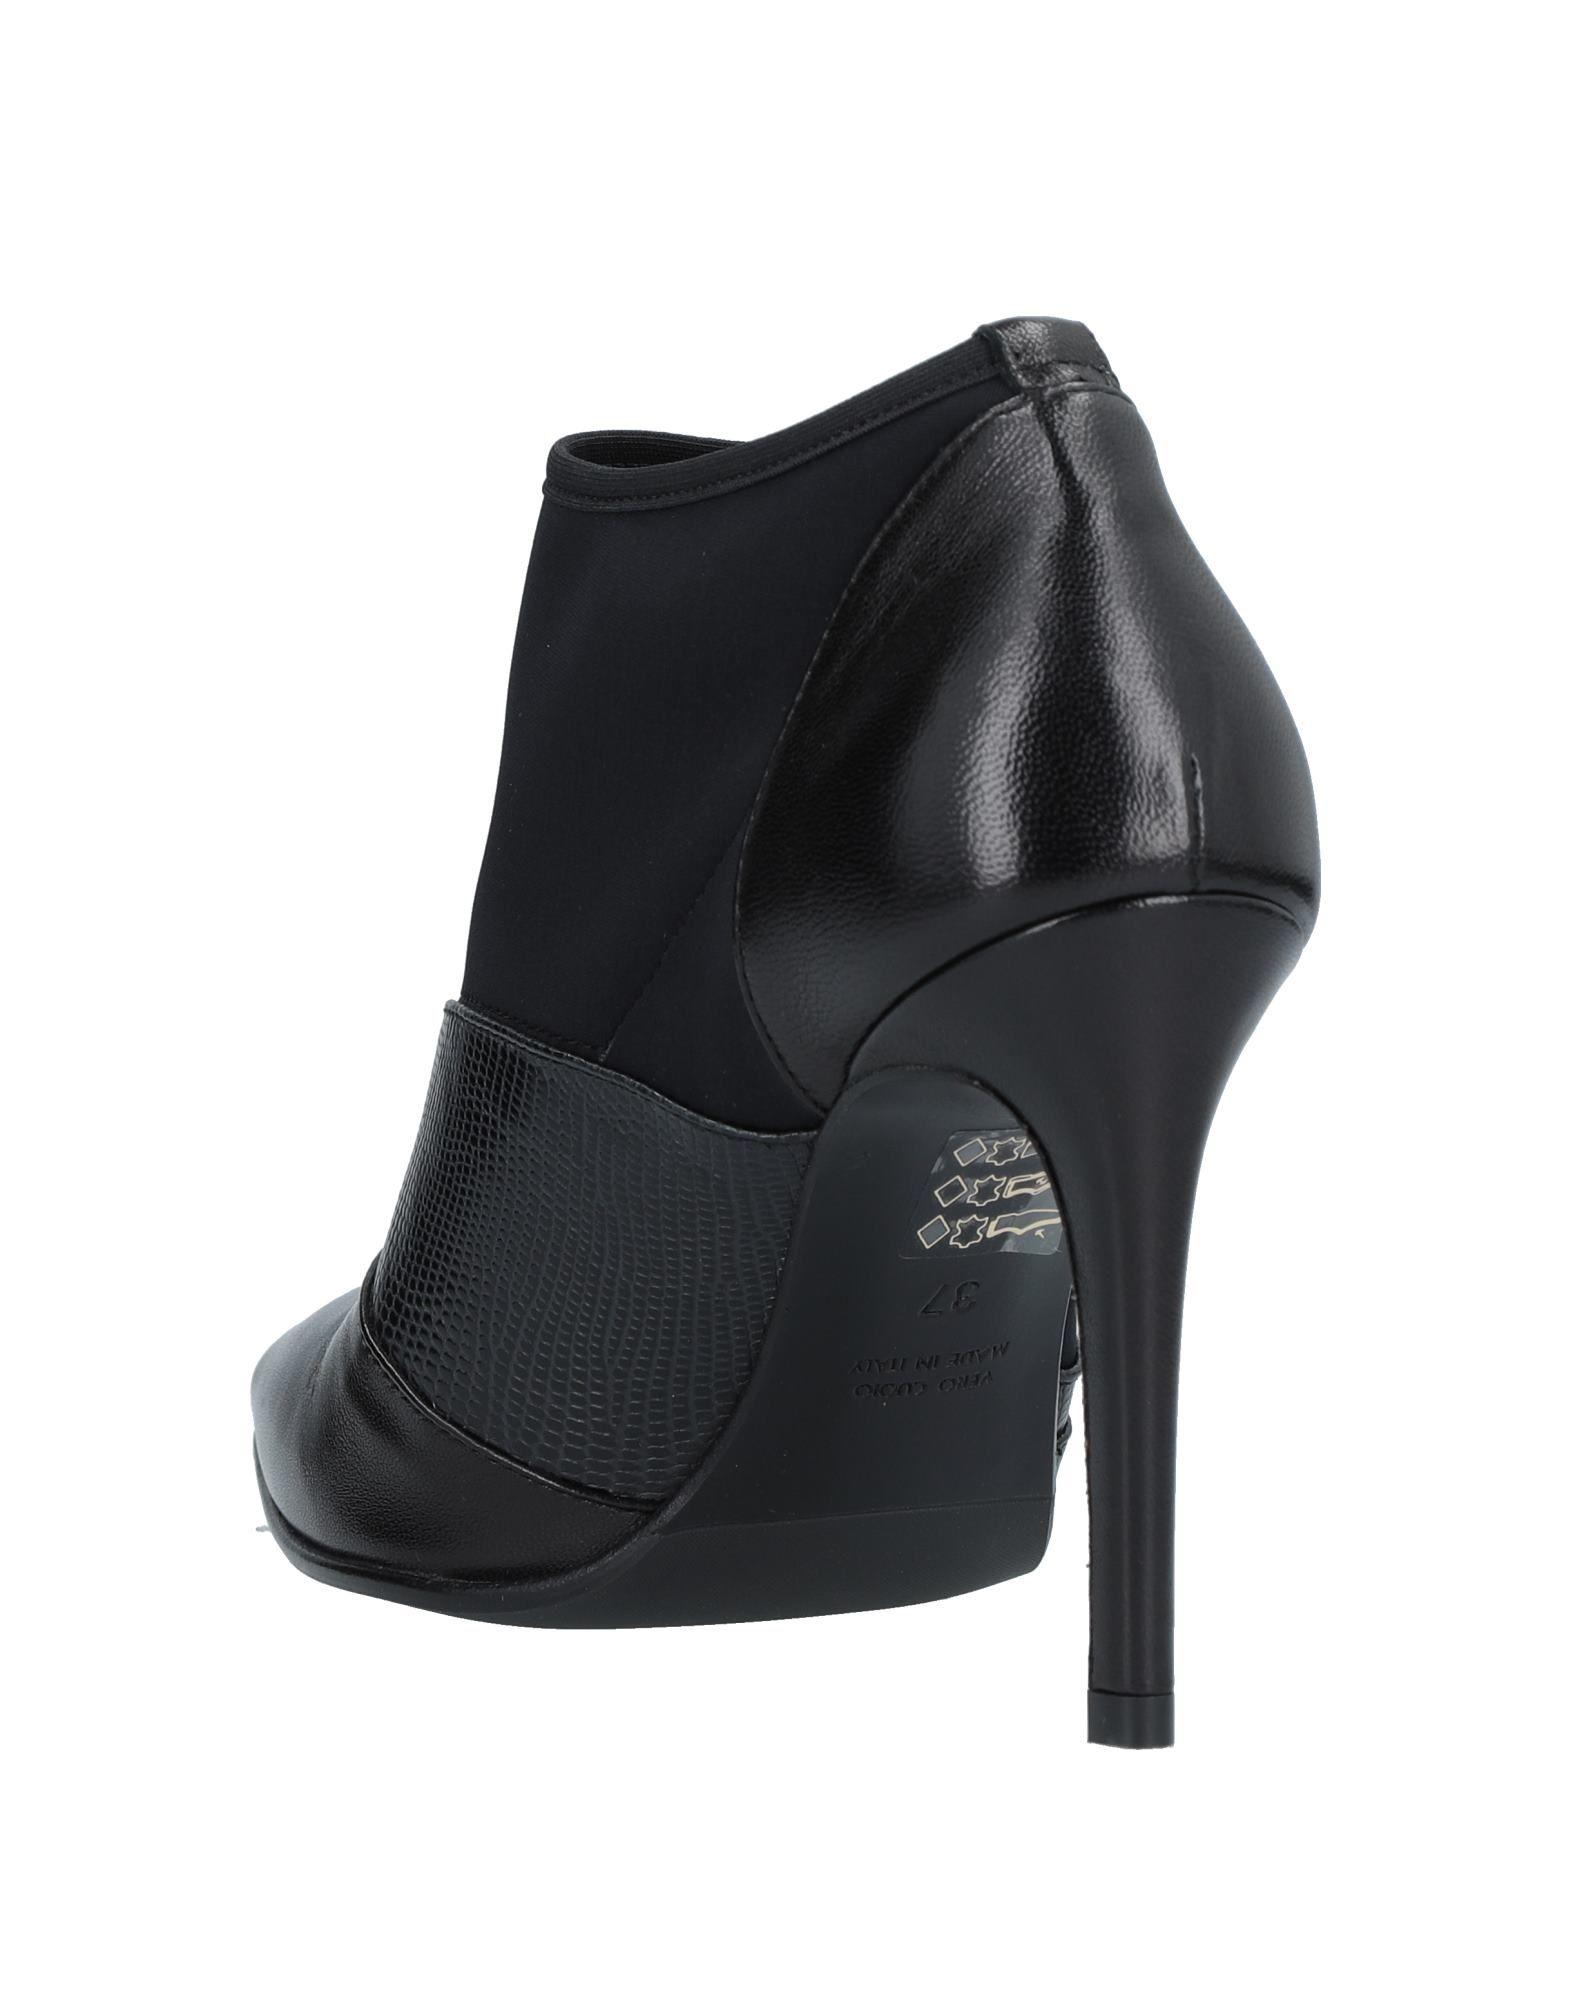 Couture Stiefelette Damen  11529421MN 11529421MN 11529421MN Gute Qualität beliebte Schuhe 58f799